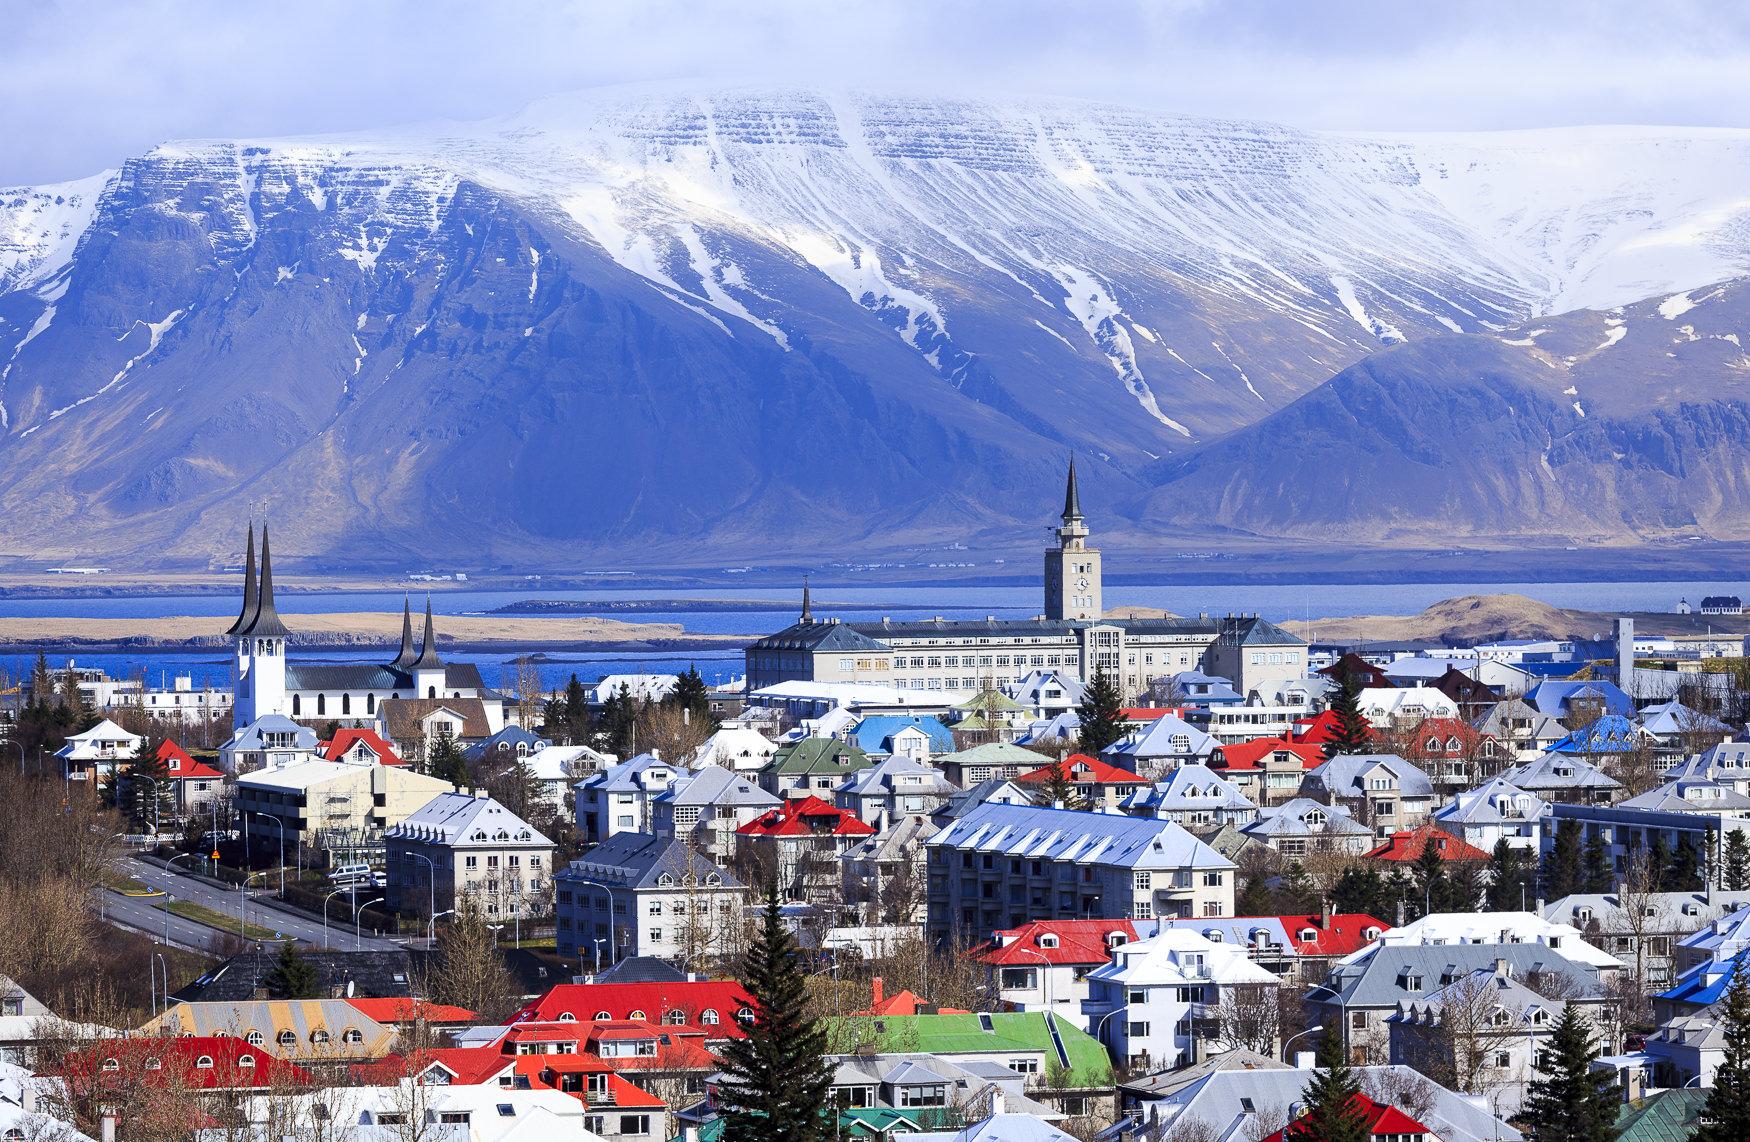 IcelandGenerals_HiRes15.jpg